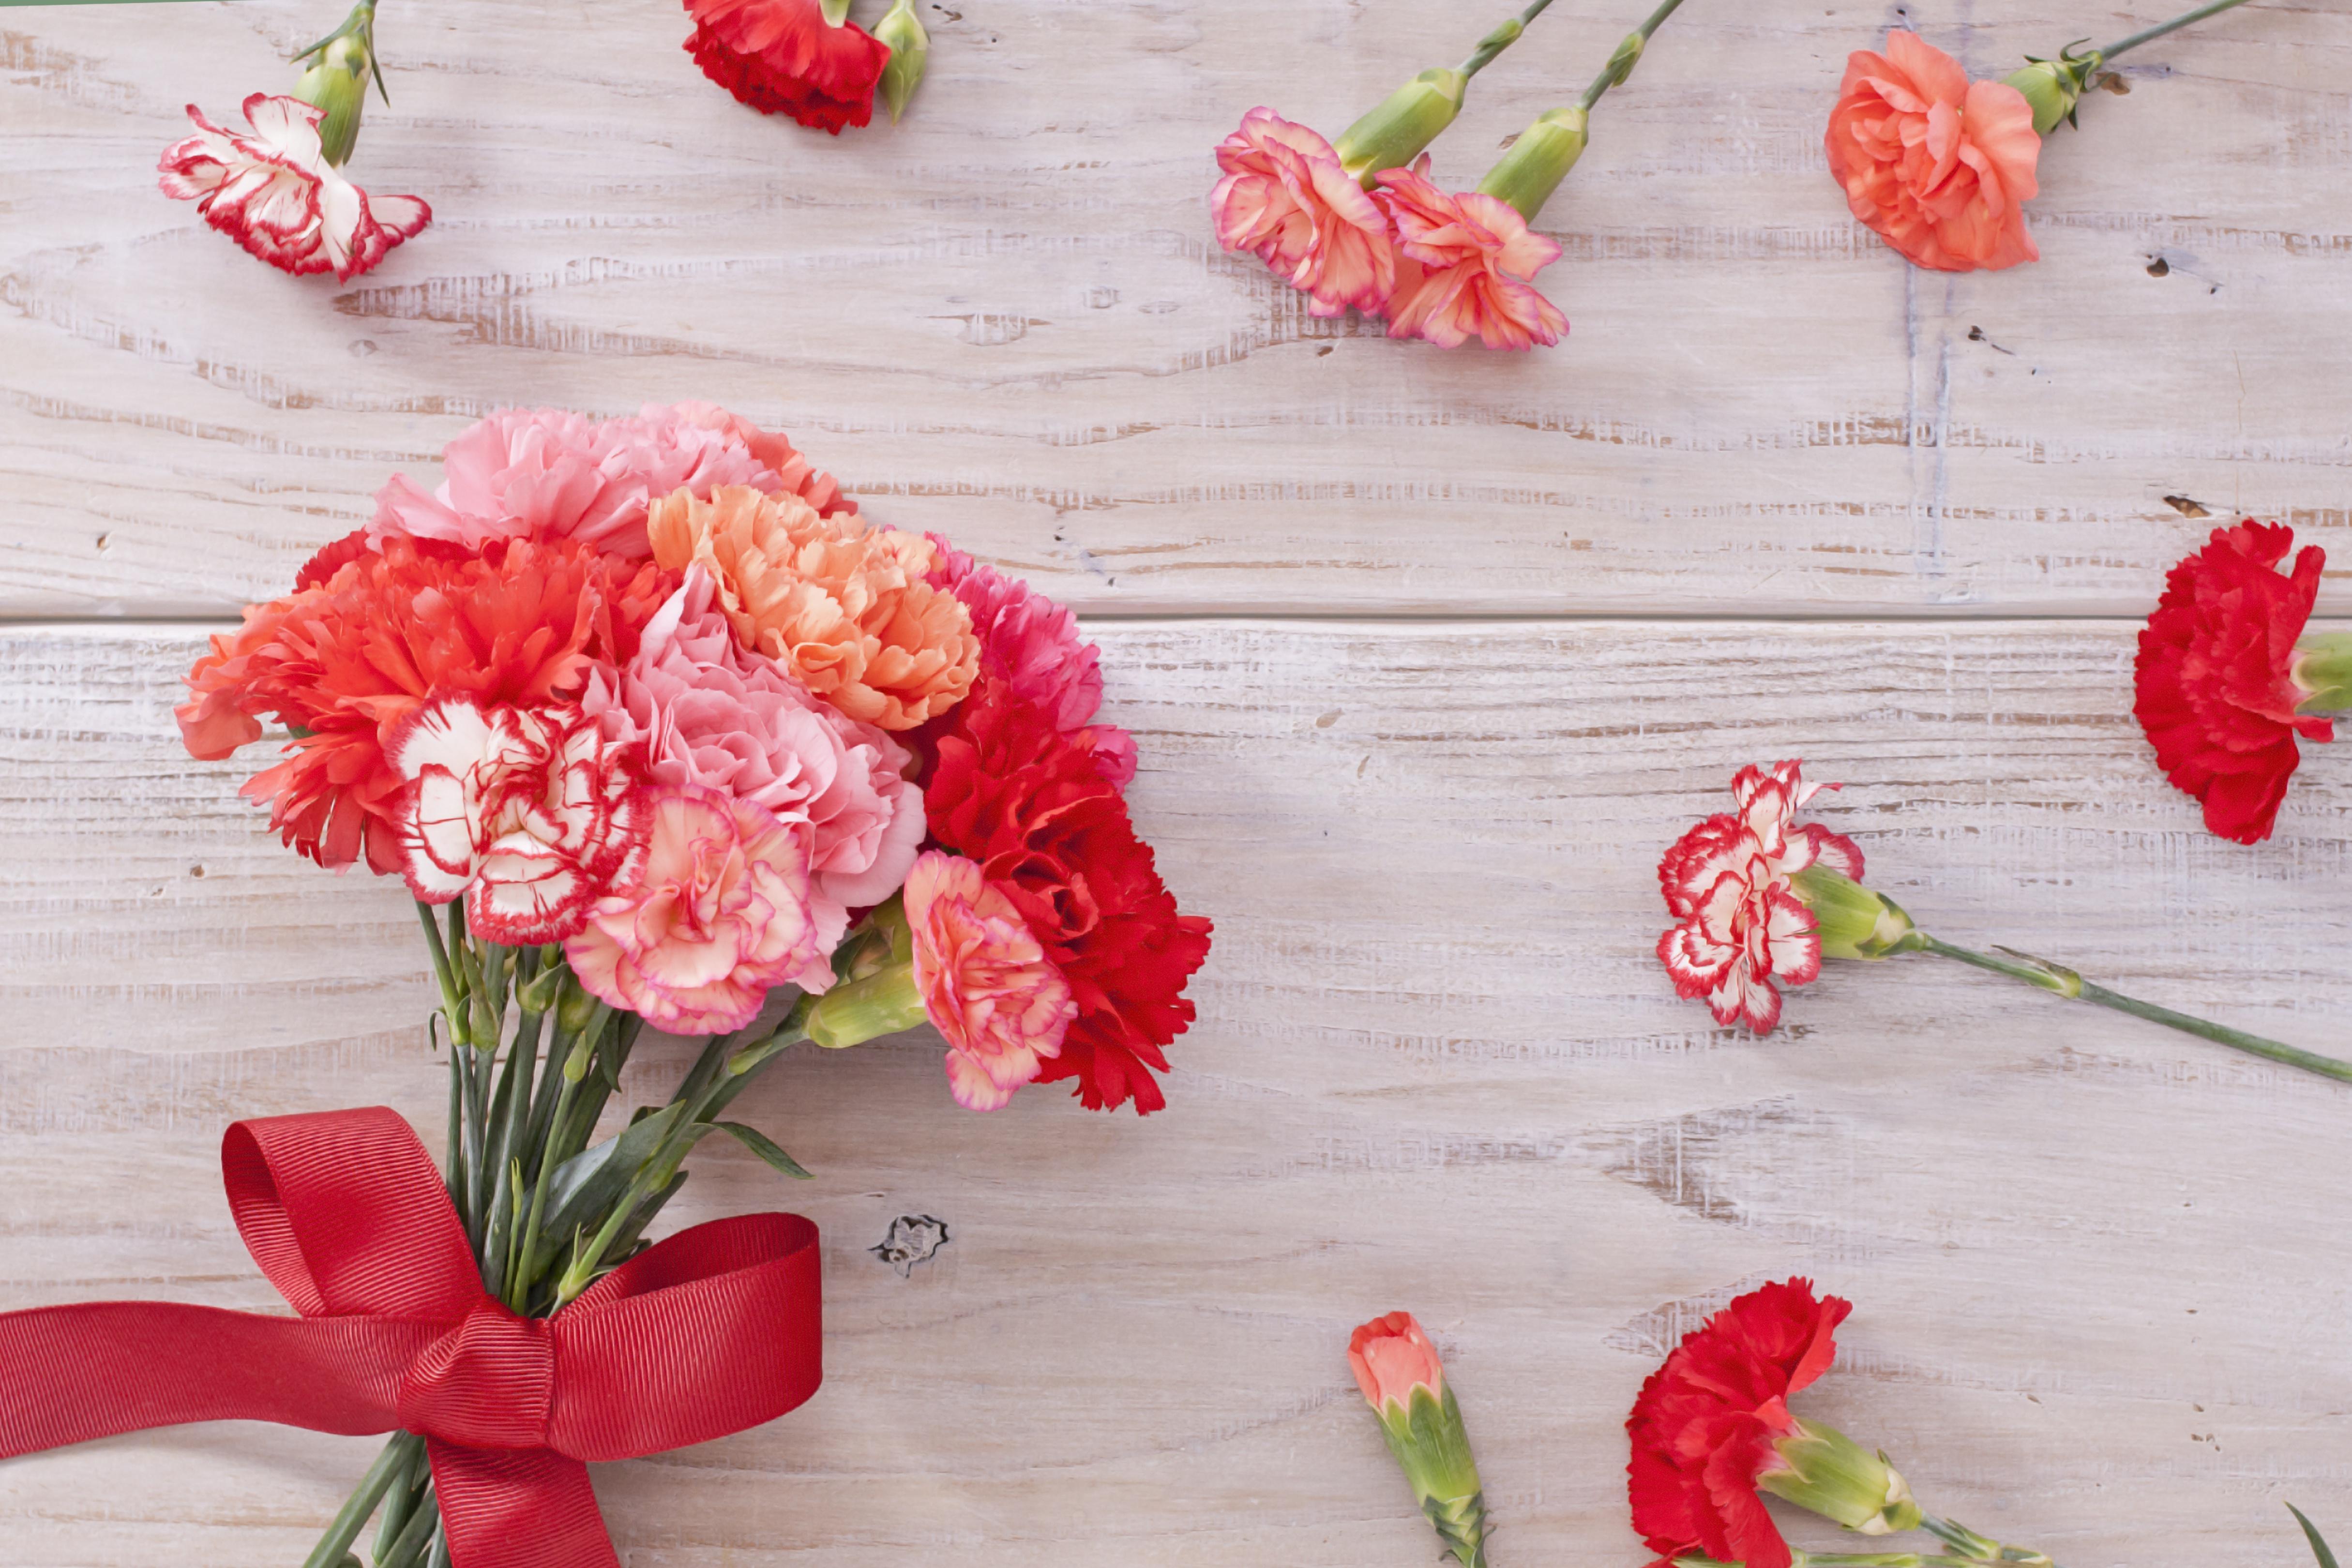 года картинки гвоздики цветы для фона открытки широко распространена